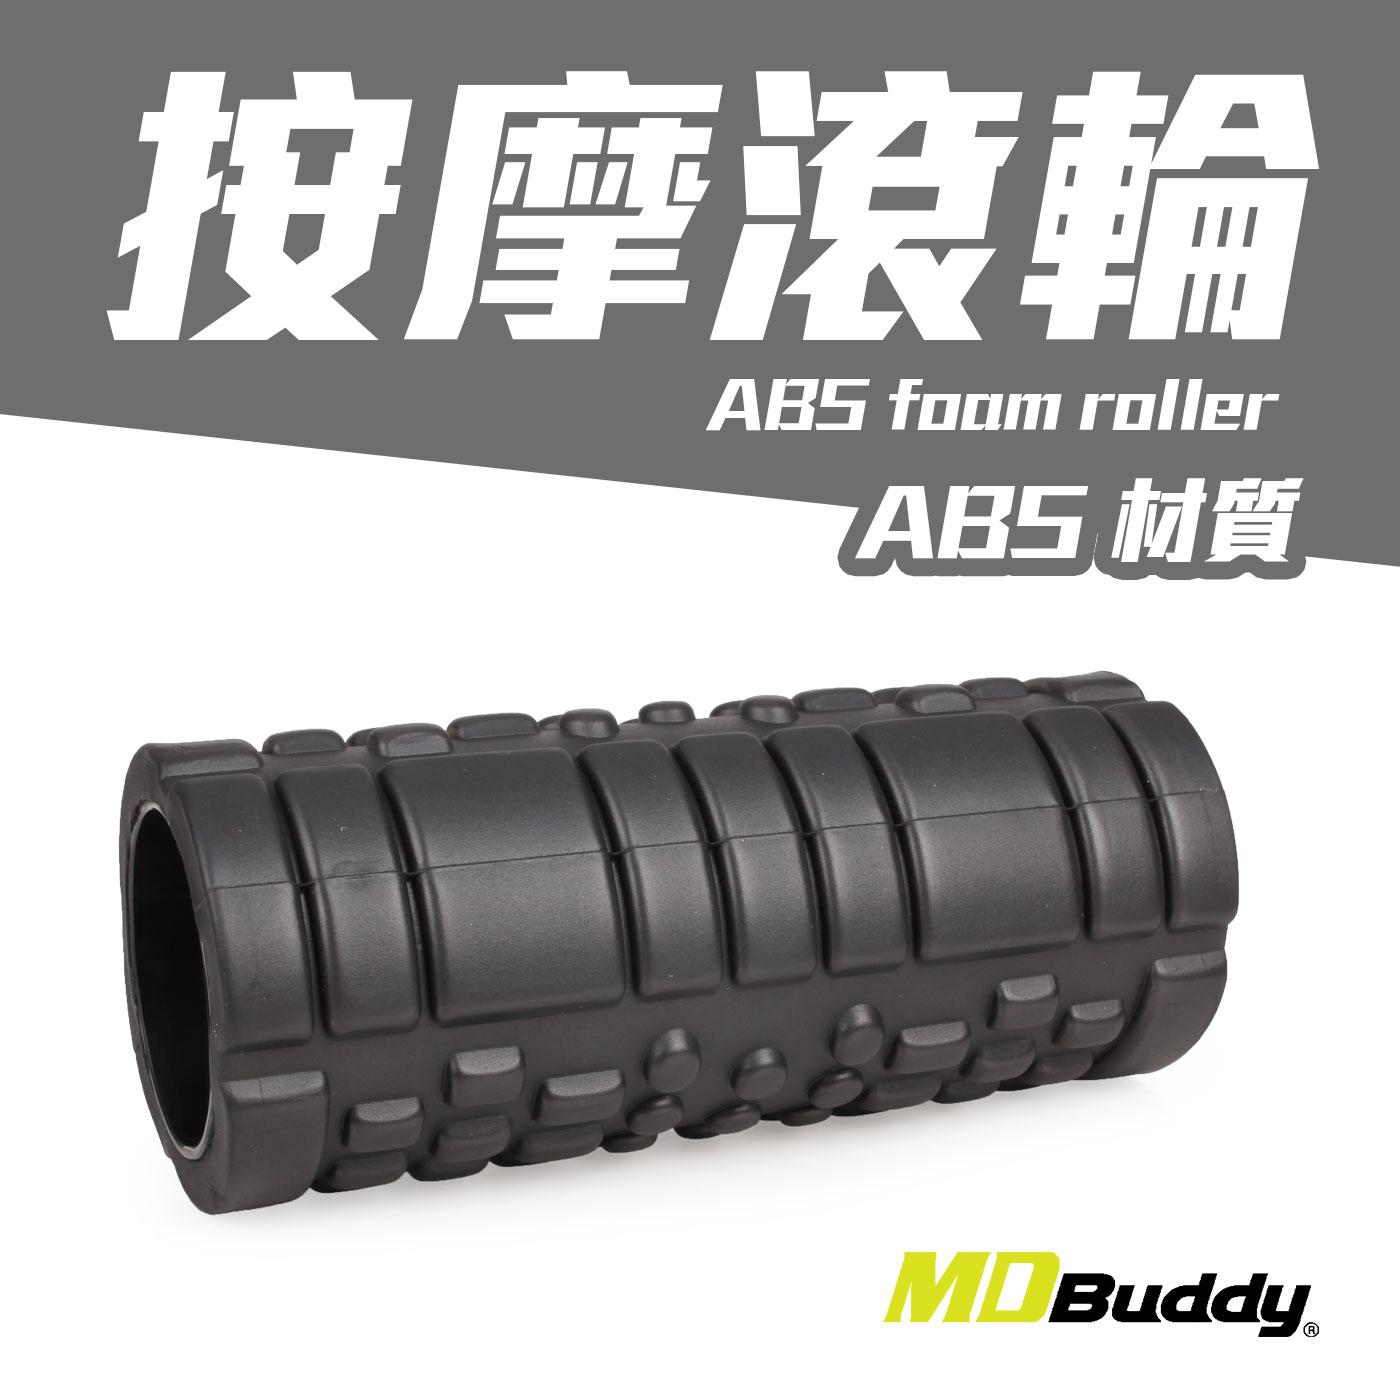 MDBuddy 按摩滾輪(ABS) 6013201